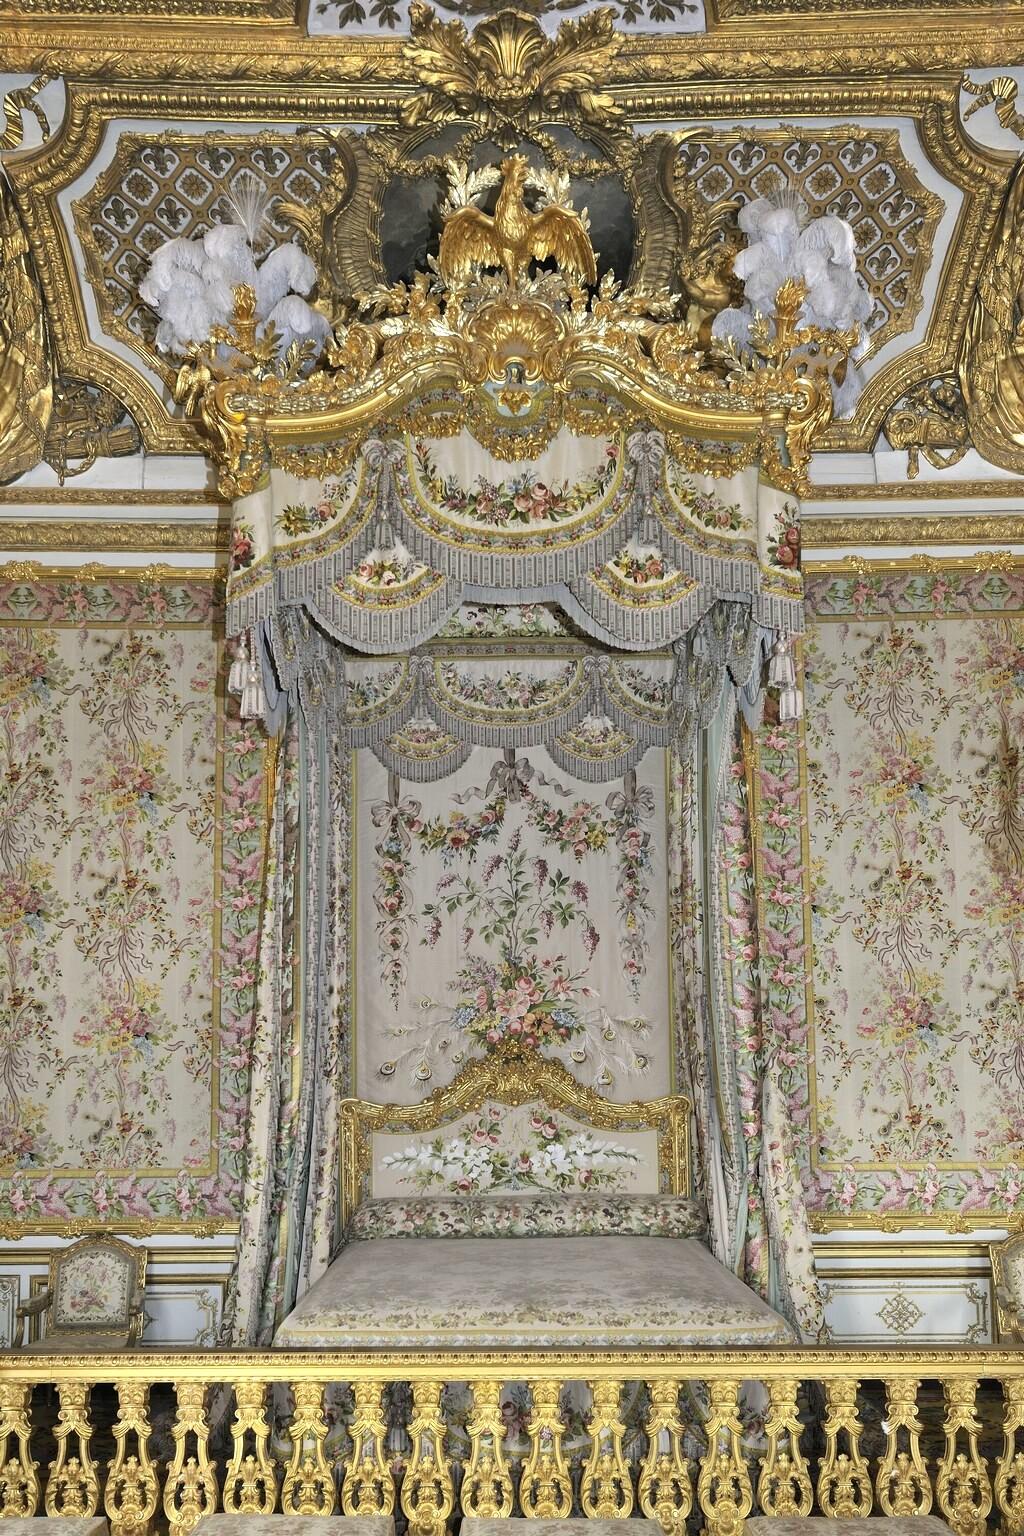 chambre - La chambre de la Reine à Versailles - Page 2 Image271